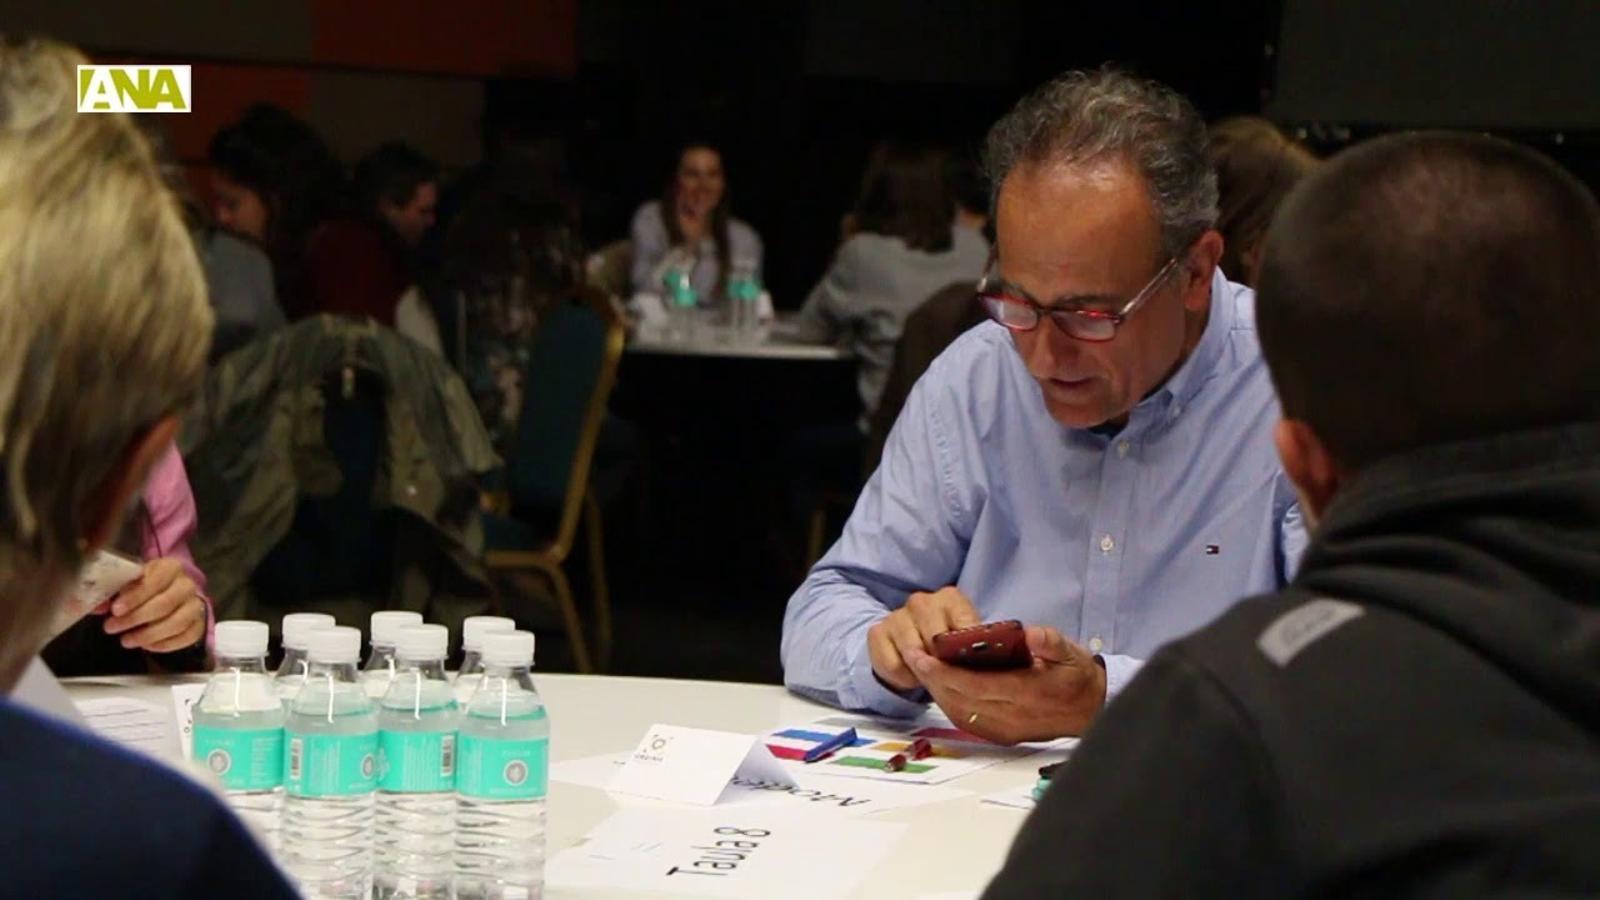 Taller participatiu d'Ordino en el marc de la candidatura a la Unesco